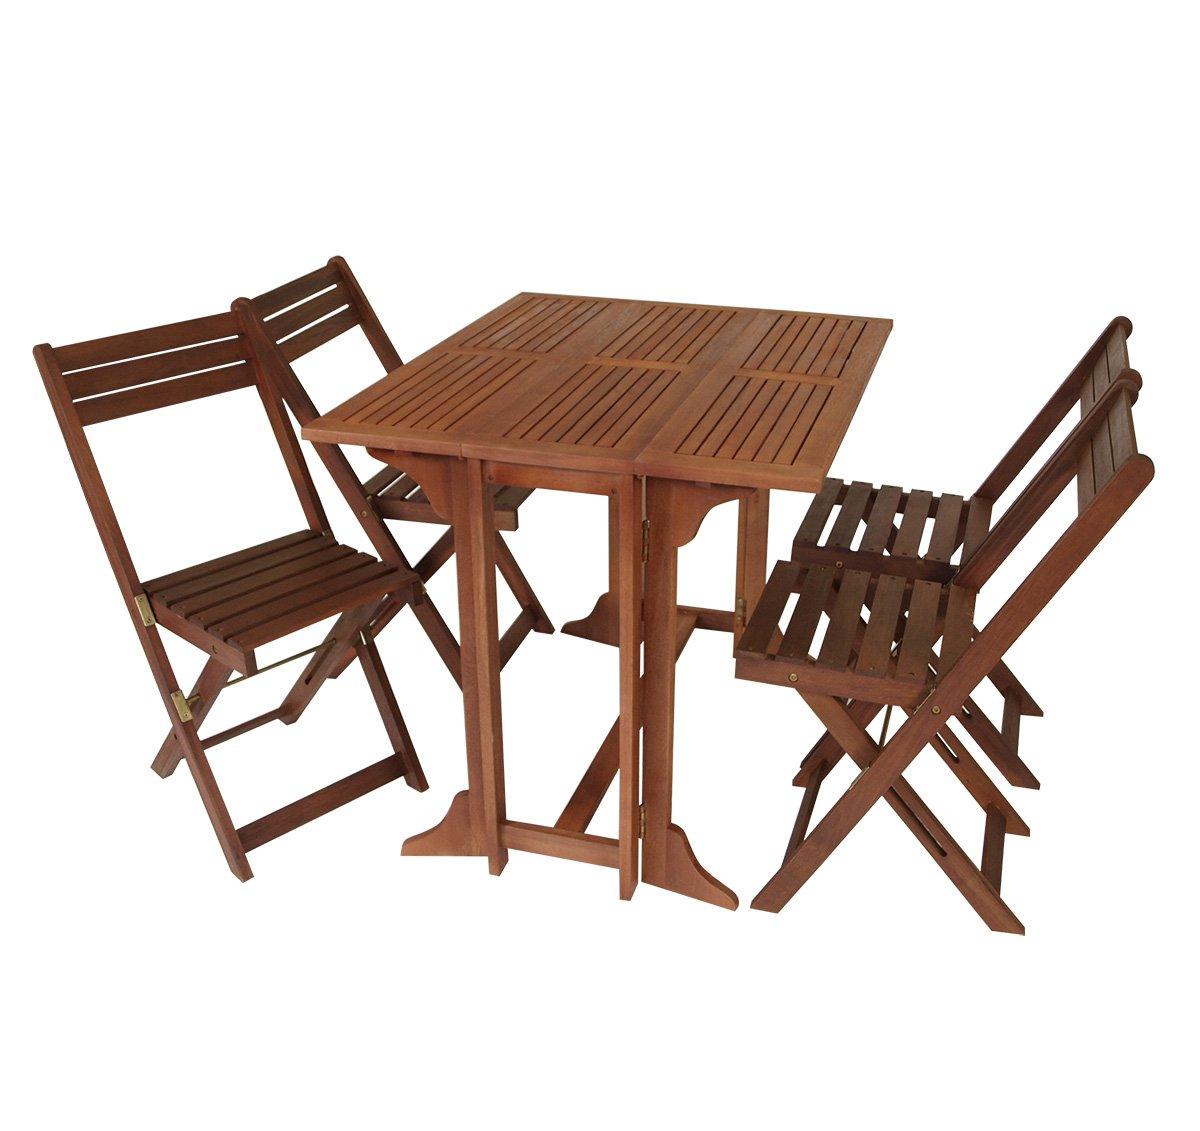 sitzgruppe 4 st hle 1 tisch gartenm bel holz gartentisch doppelklapptisch sitzgarnitur fsc neu. Black Bedroom Furniture Sets. Home Design Ideas